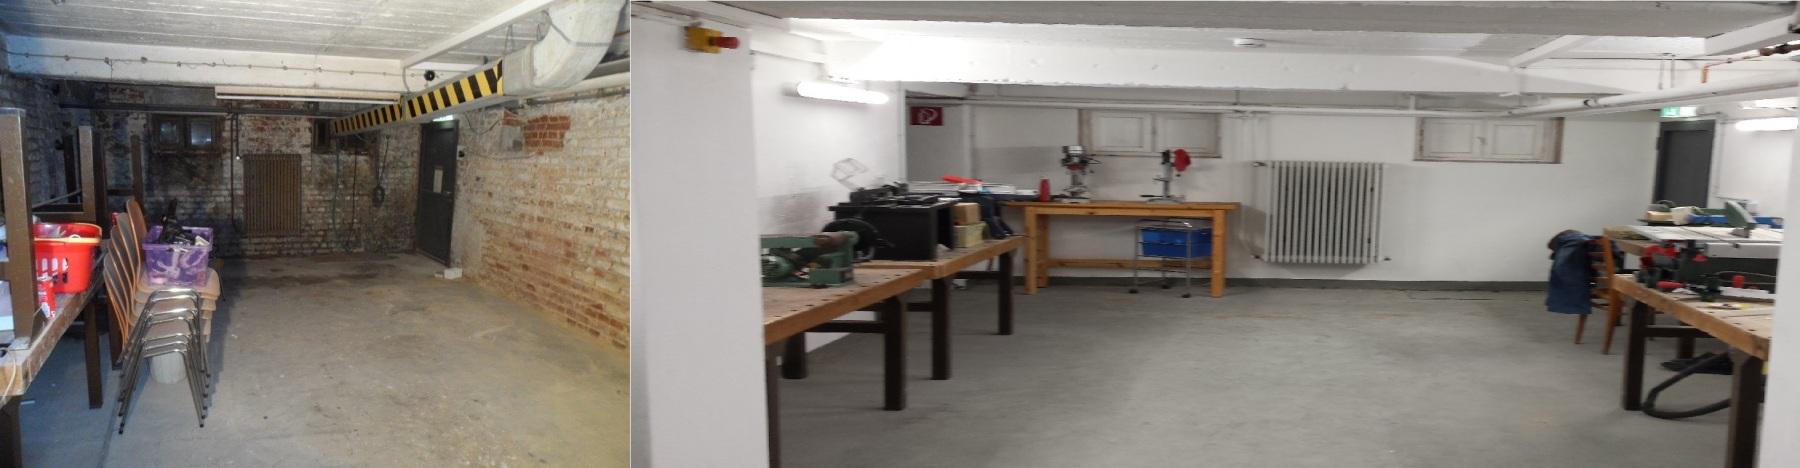 hinterer-Arbeitsraum-vorher-nachher-1